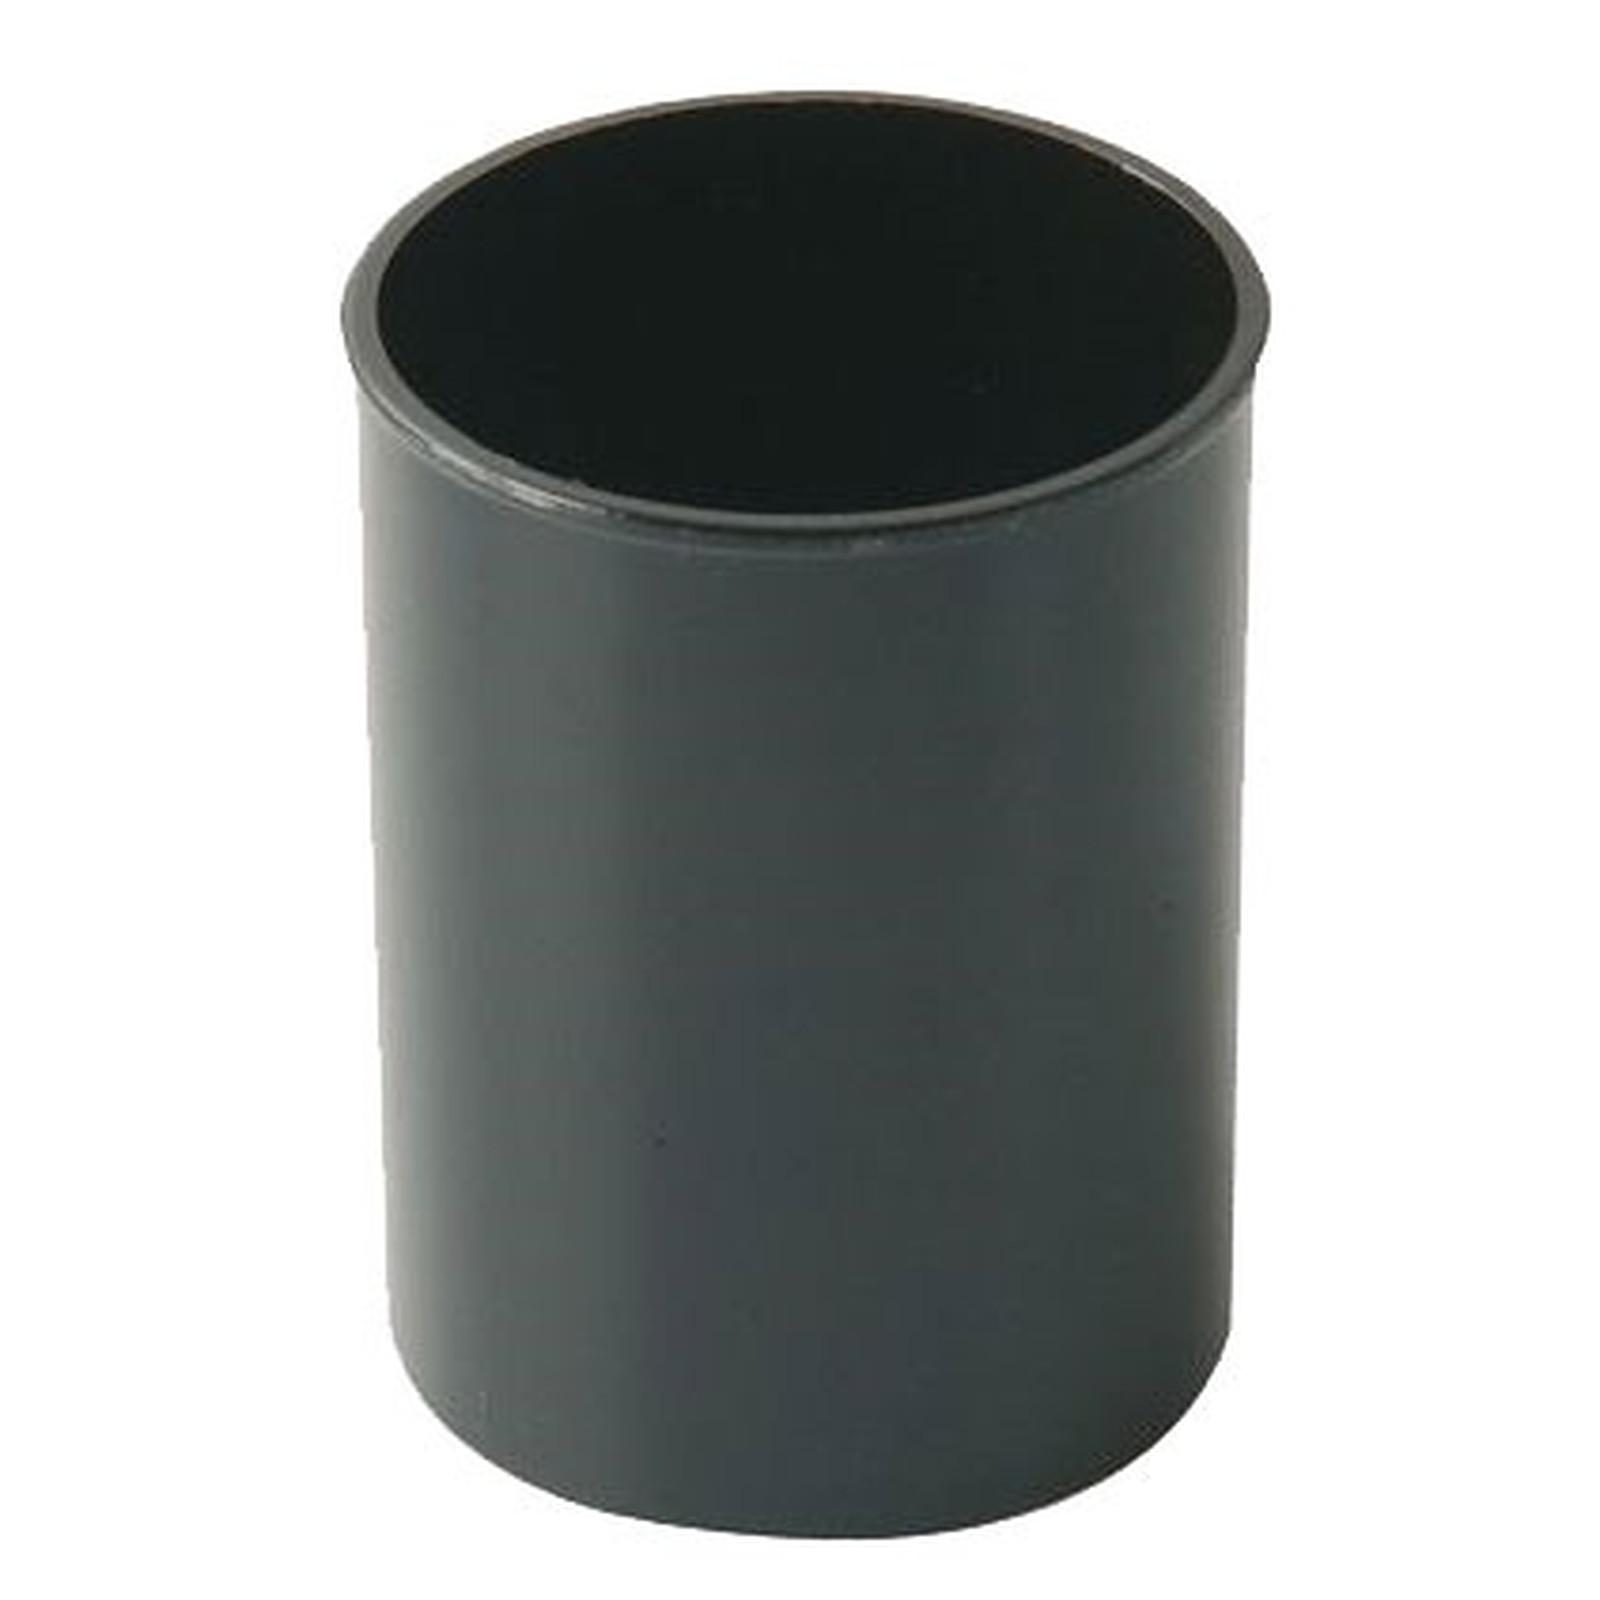 Pot à crayons noir